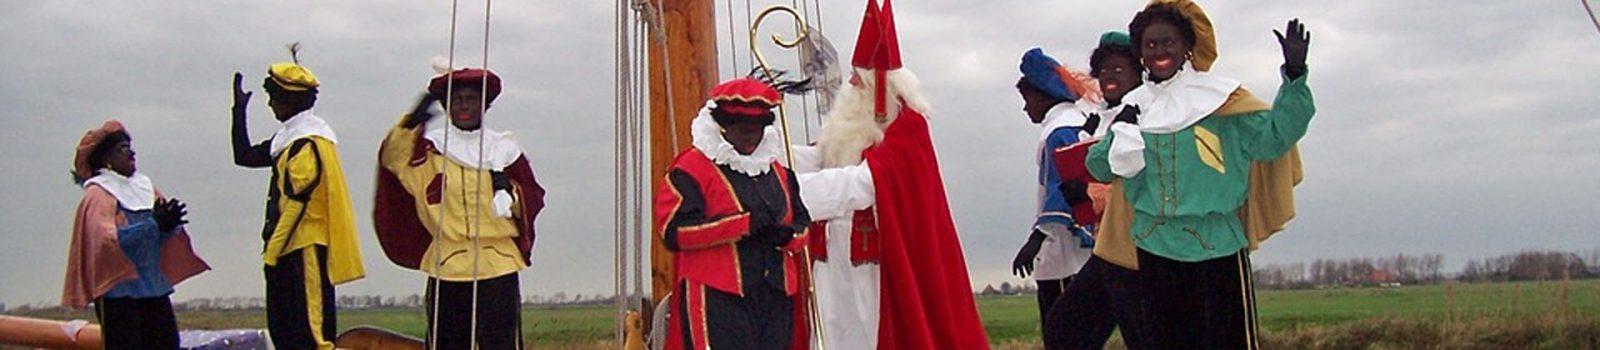 Sinterklaas reetveegpieten